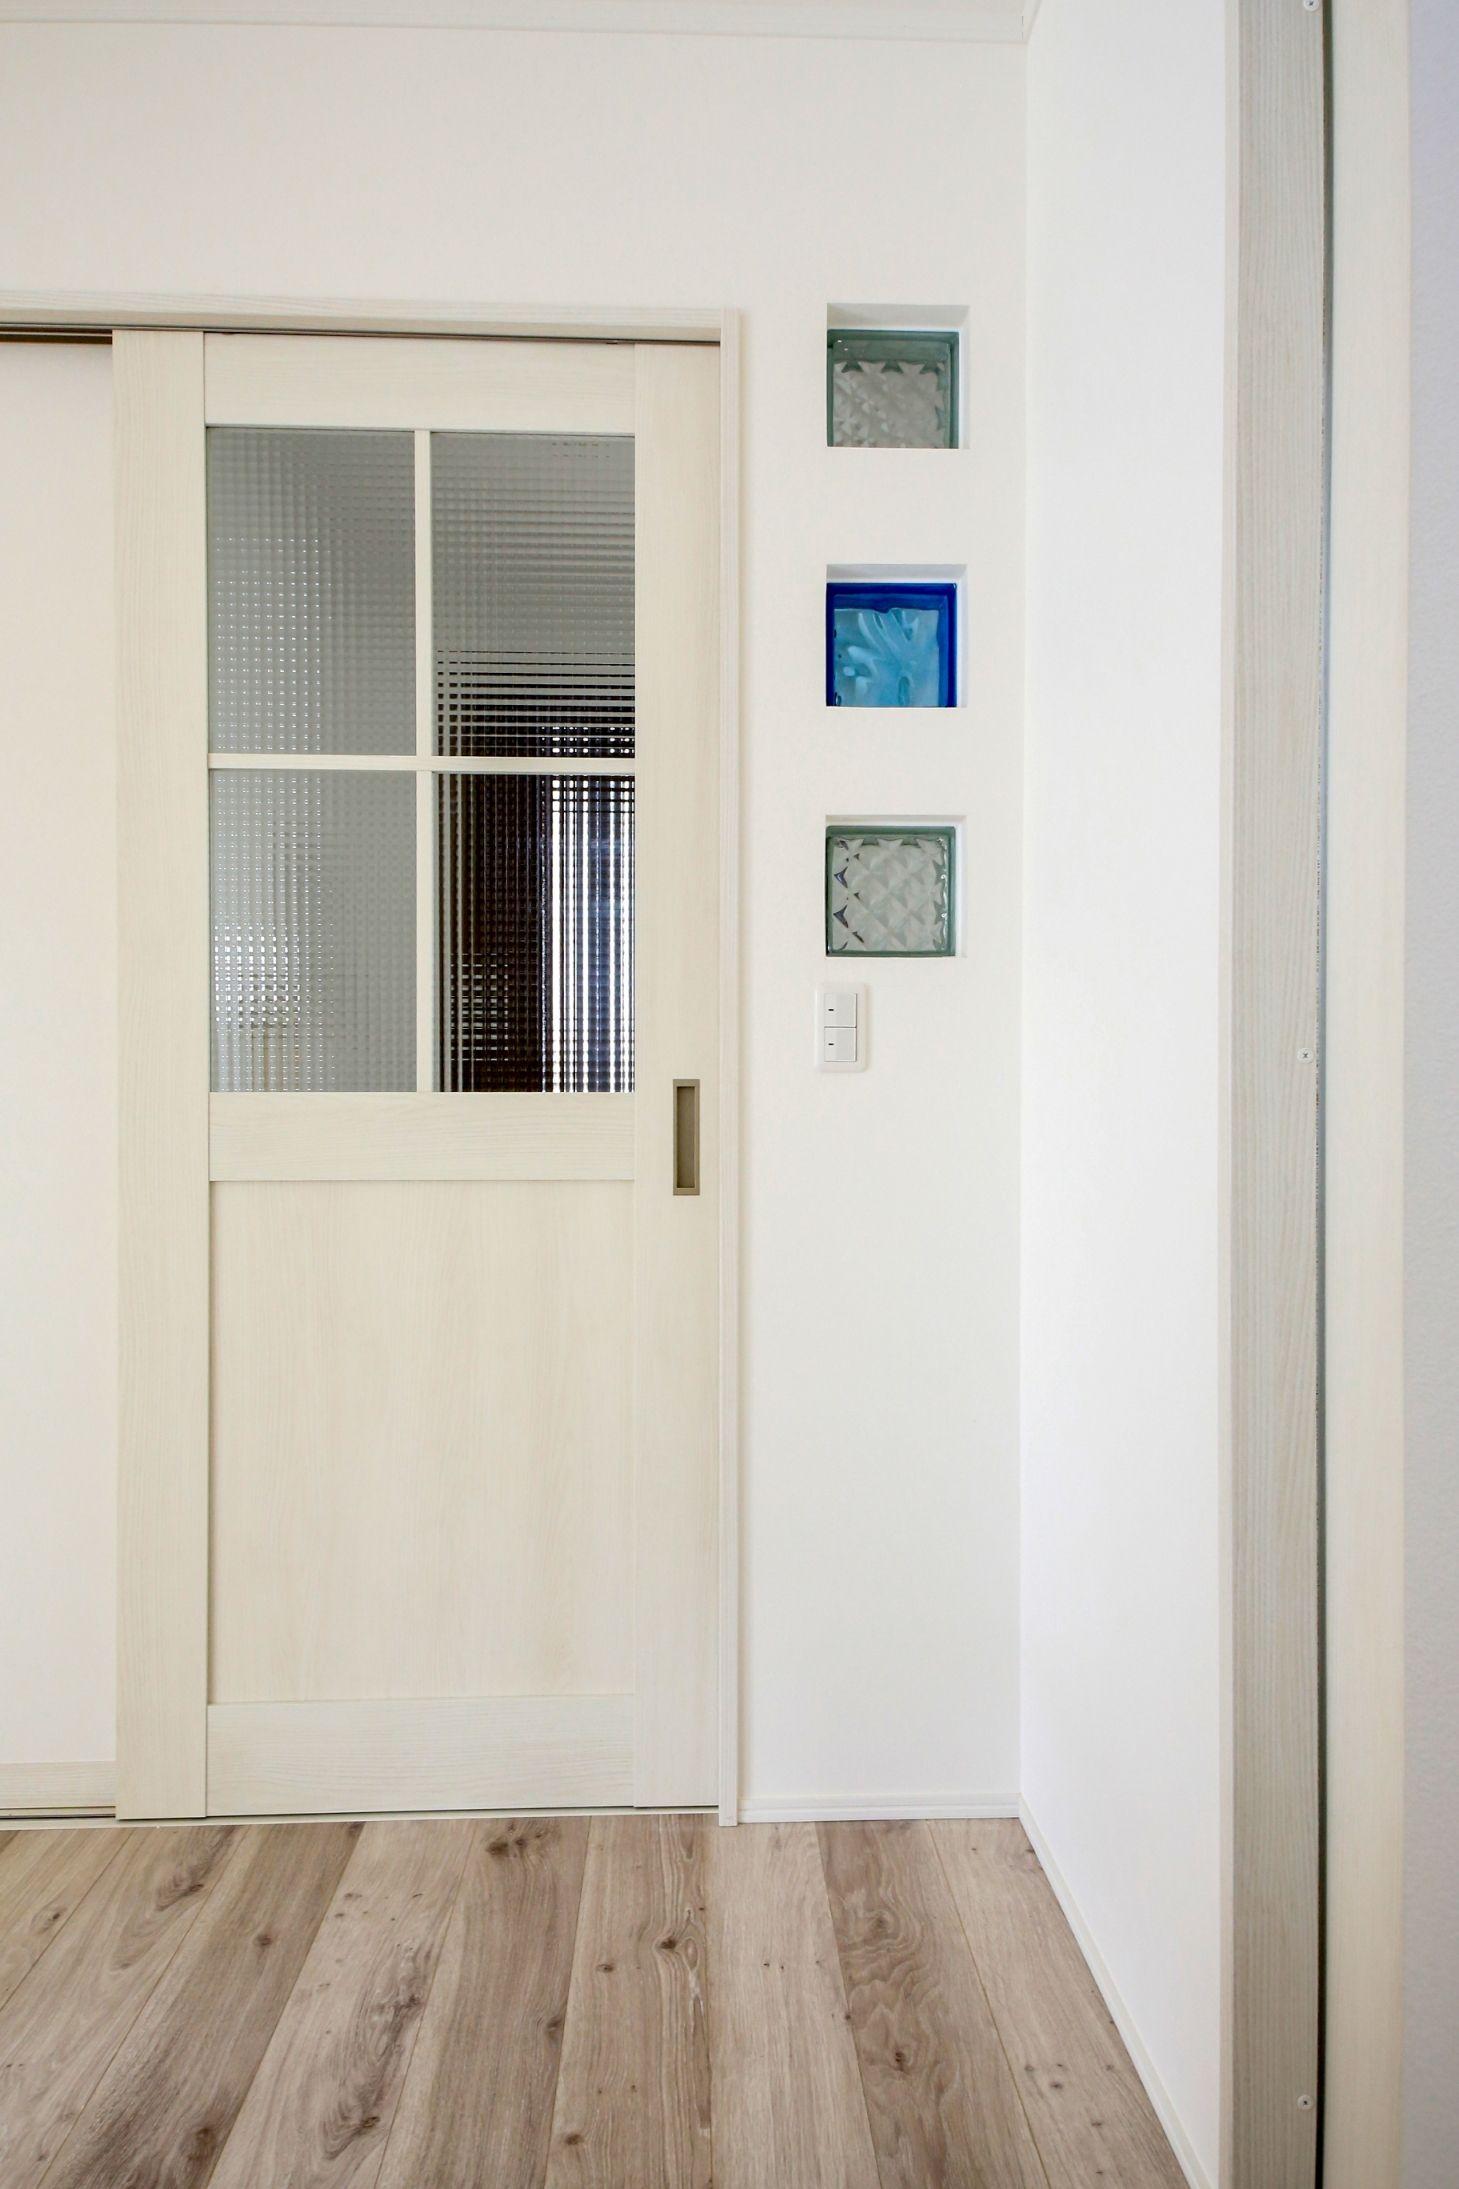 格子付きのガラス戸でかわいい印象に ドア横のガラスブロックがおしゃれですね 建築実例 ドア ガラス戸 格子 Ldk リビング 入り口 ガラスブロック 白 ホワイト ナチュラル シンプル インテリア 内装 ガラスブロック ガラス戸 リビング ドア ガラス